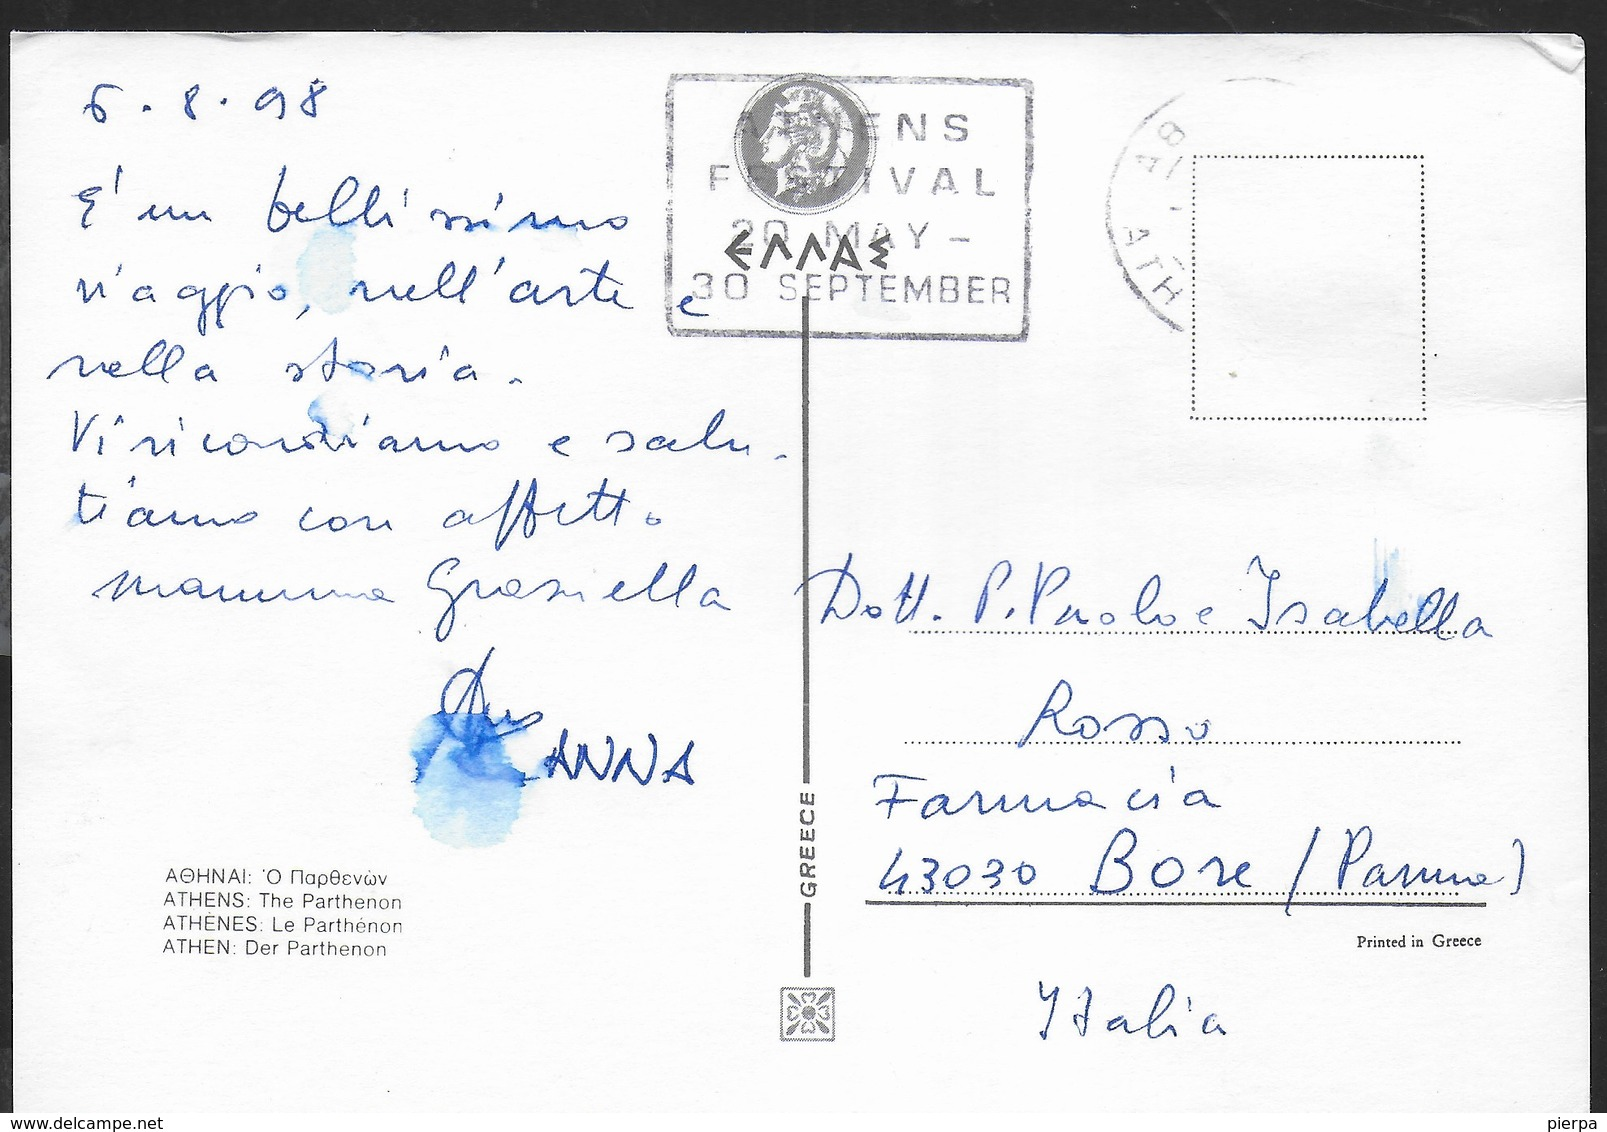 GRECIA - ATHENS - PARTENONE - FORMATO GRANDE 17X13 - VIAGGIATA  1998 FRANCOBOLLO ASPORTATO - Grecia